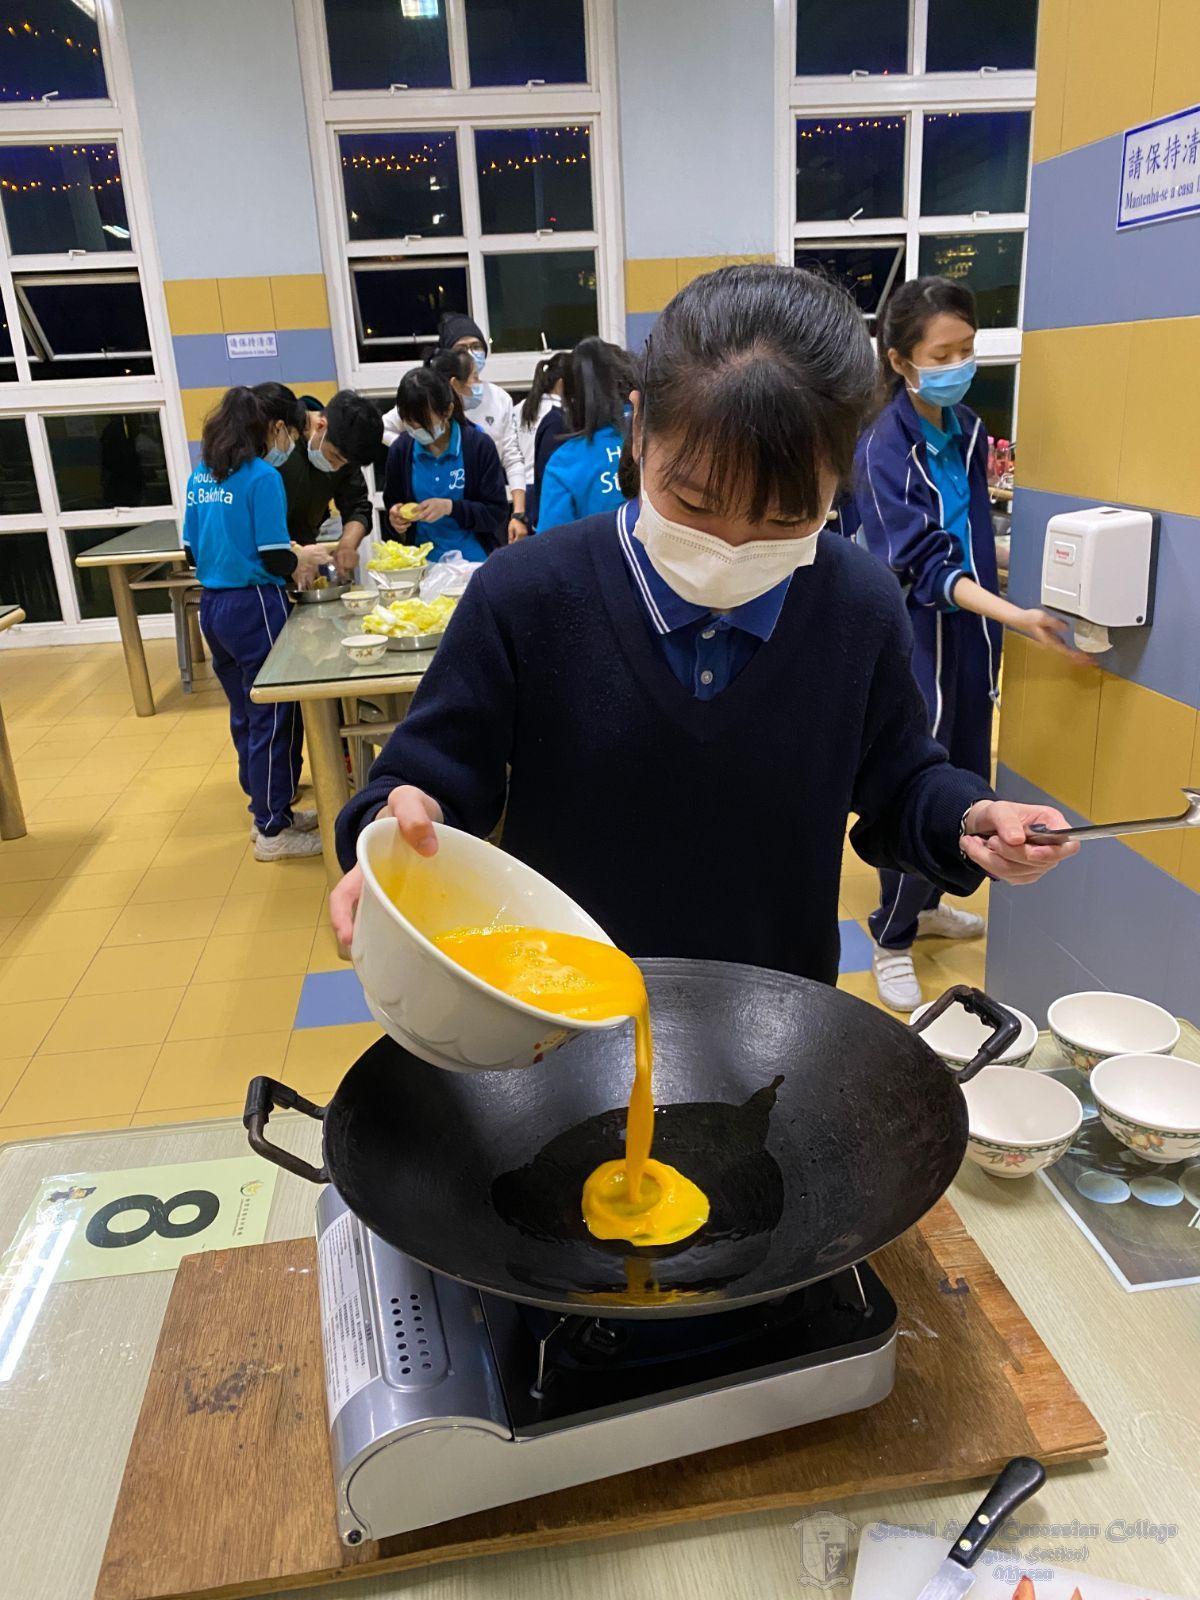 學社幹事透過共同烹飪學習協作能力,合力運用有限的食材去準備一頓美味的晚餐,該活動給予她們與人合作及嘗試料理的機會。